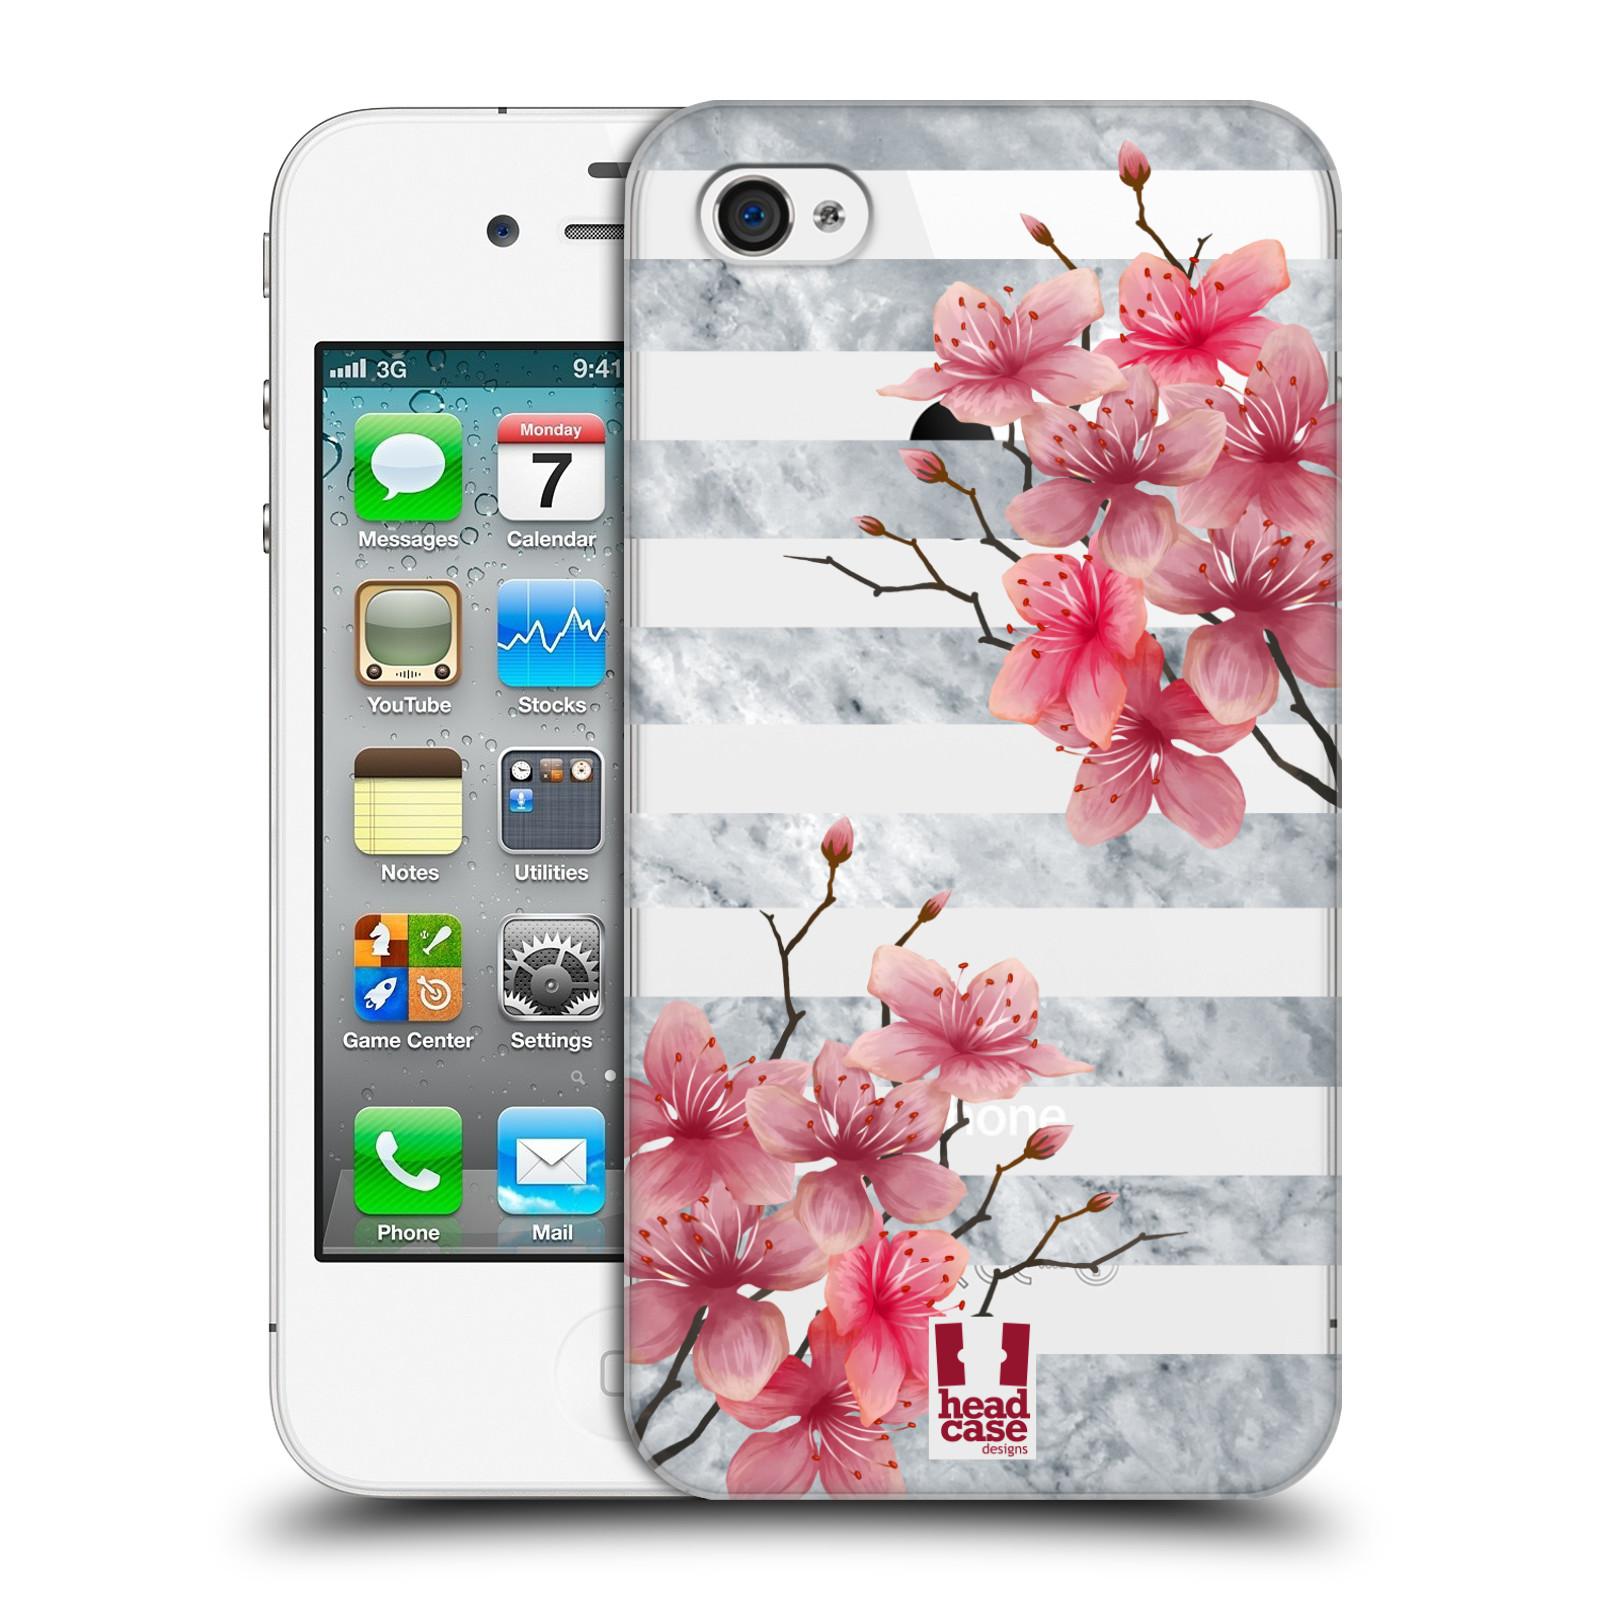 Plastové pouzdro na mobil Apple iPhone 4 a 4S - Head Case - Kvítka a mramor